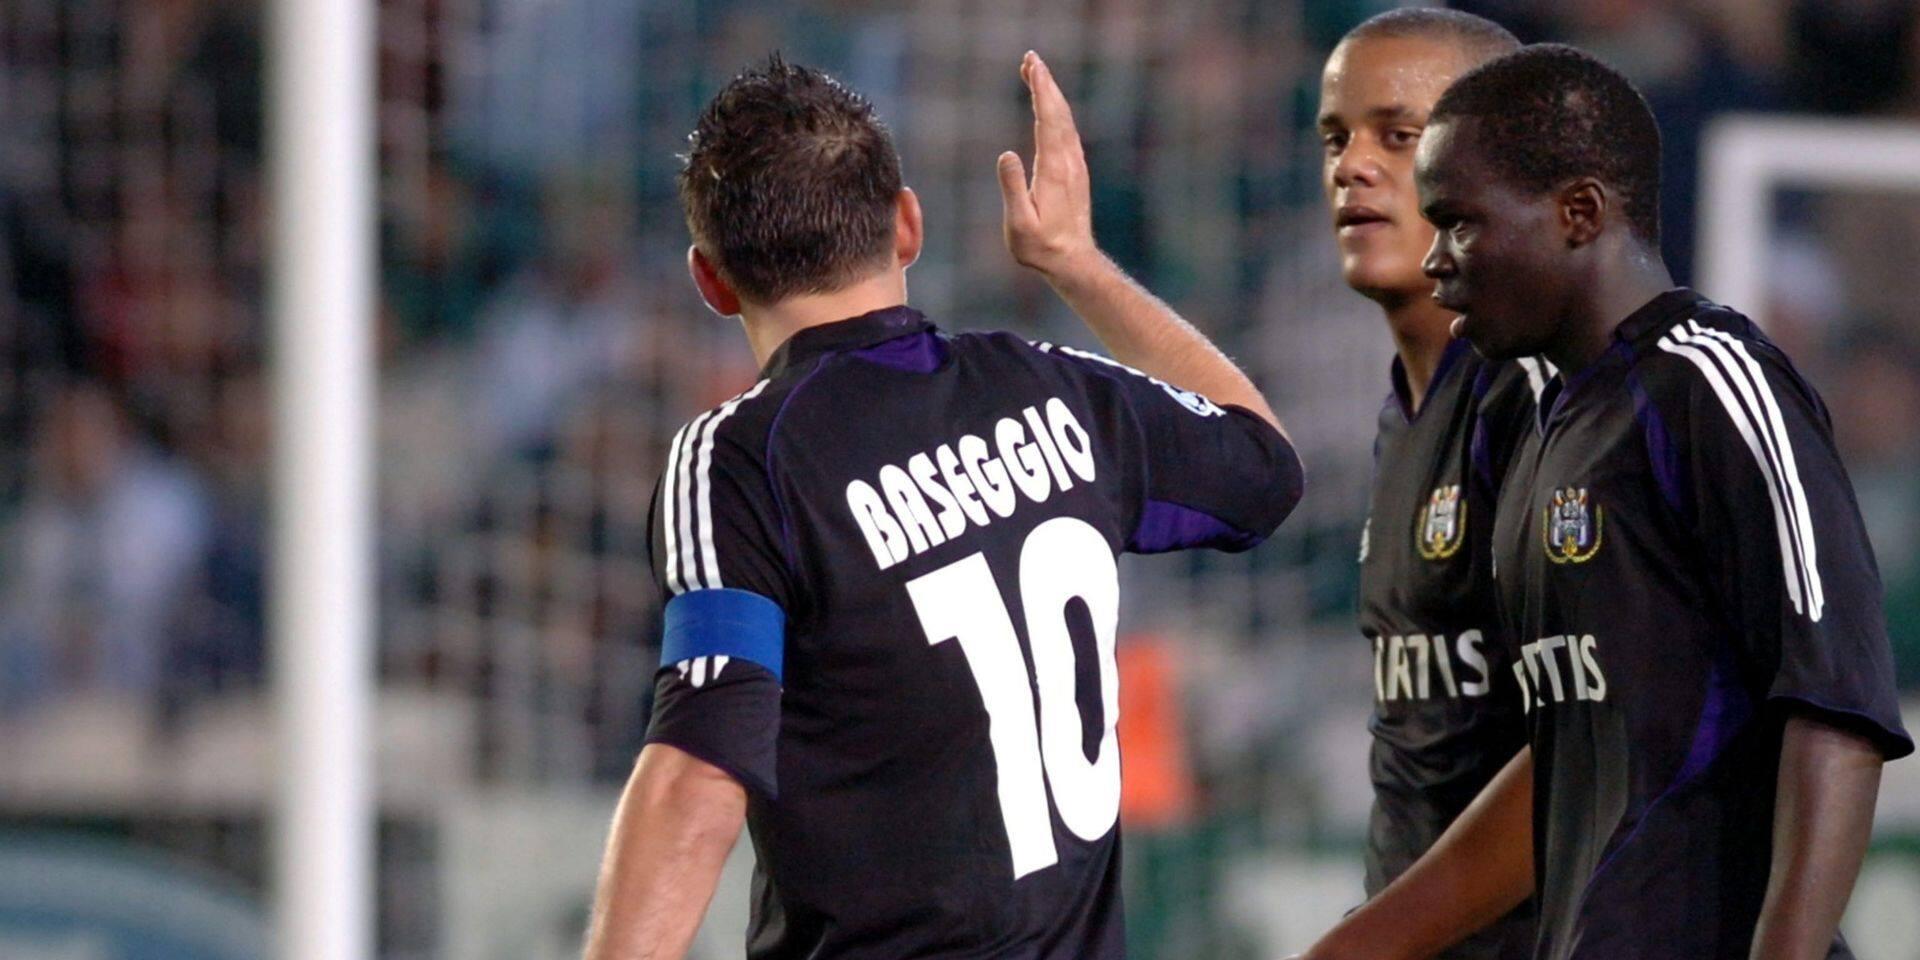 L'OM va-t-il égaler le triste record d'Anderlecht ? Retour sur la série peu reluisante des Mauves qui avaient perdu... 12 matchs consécutifs